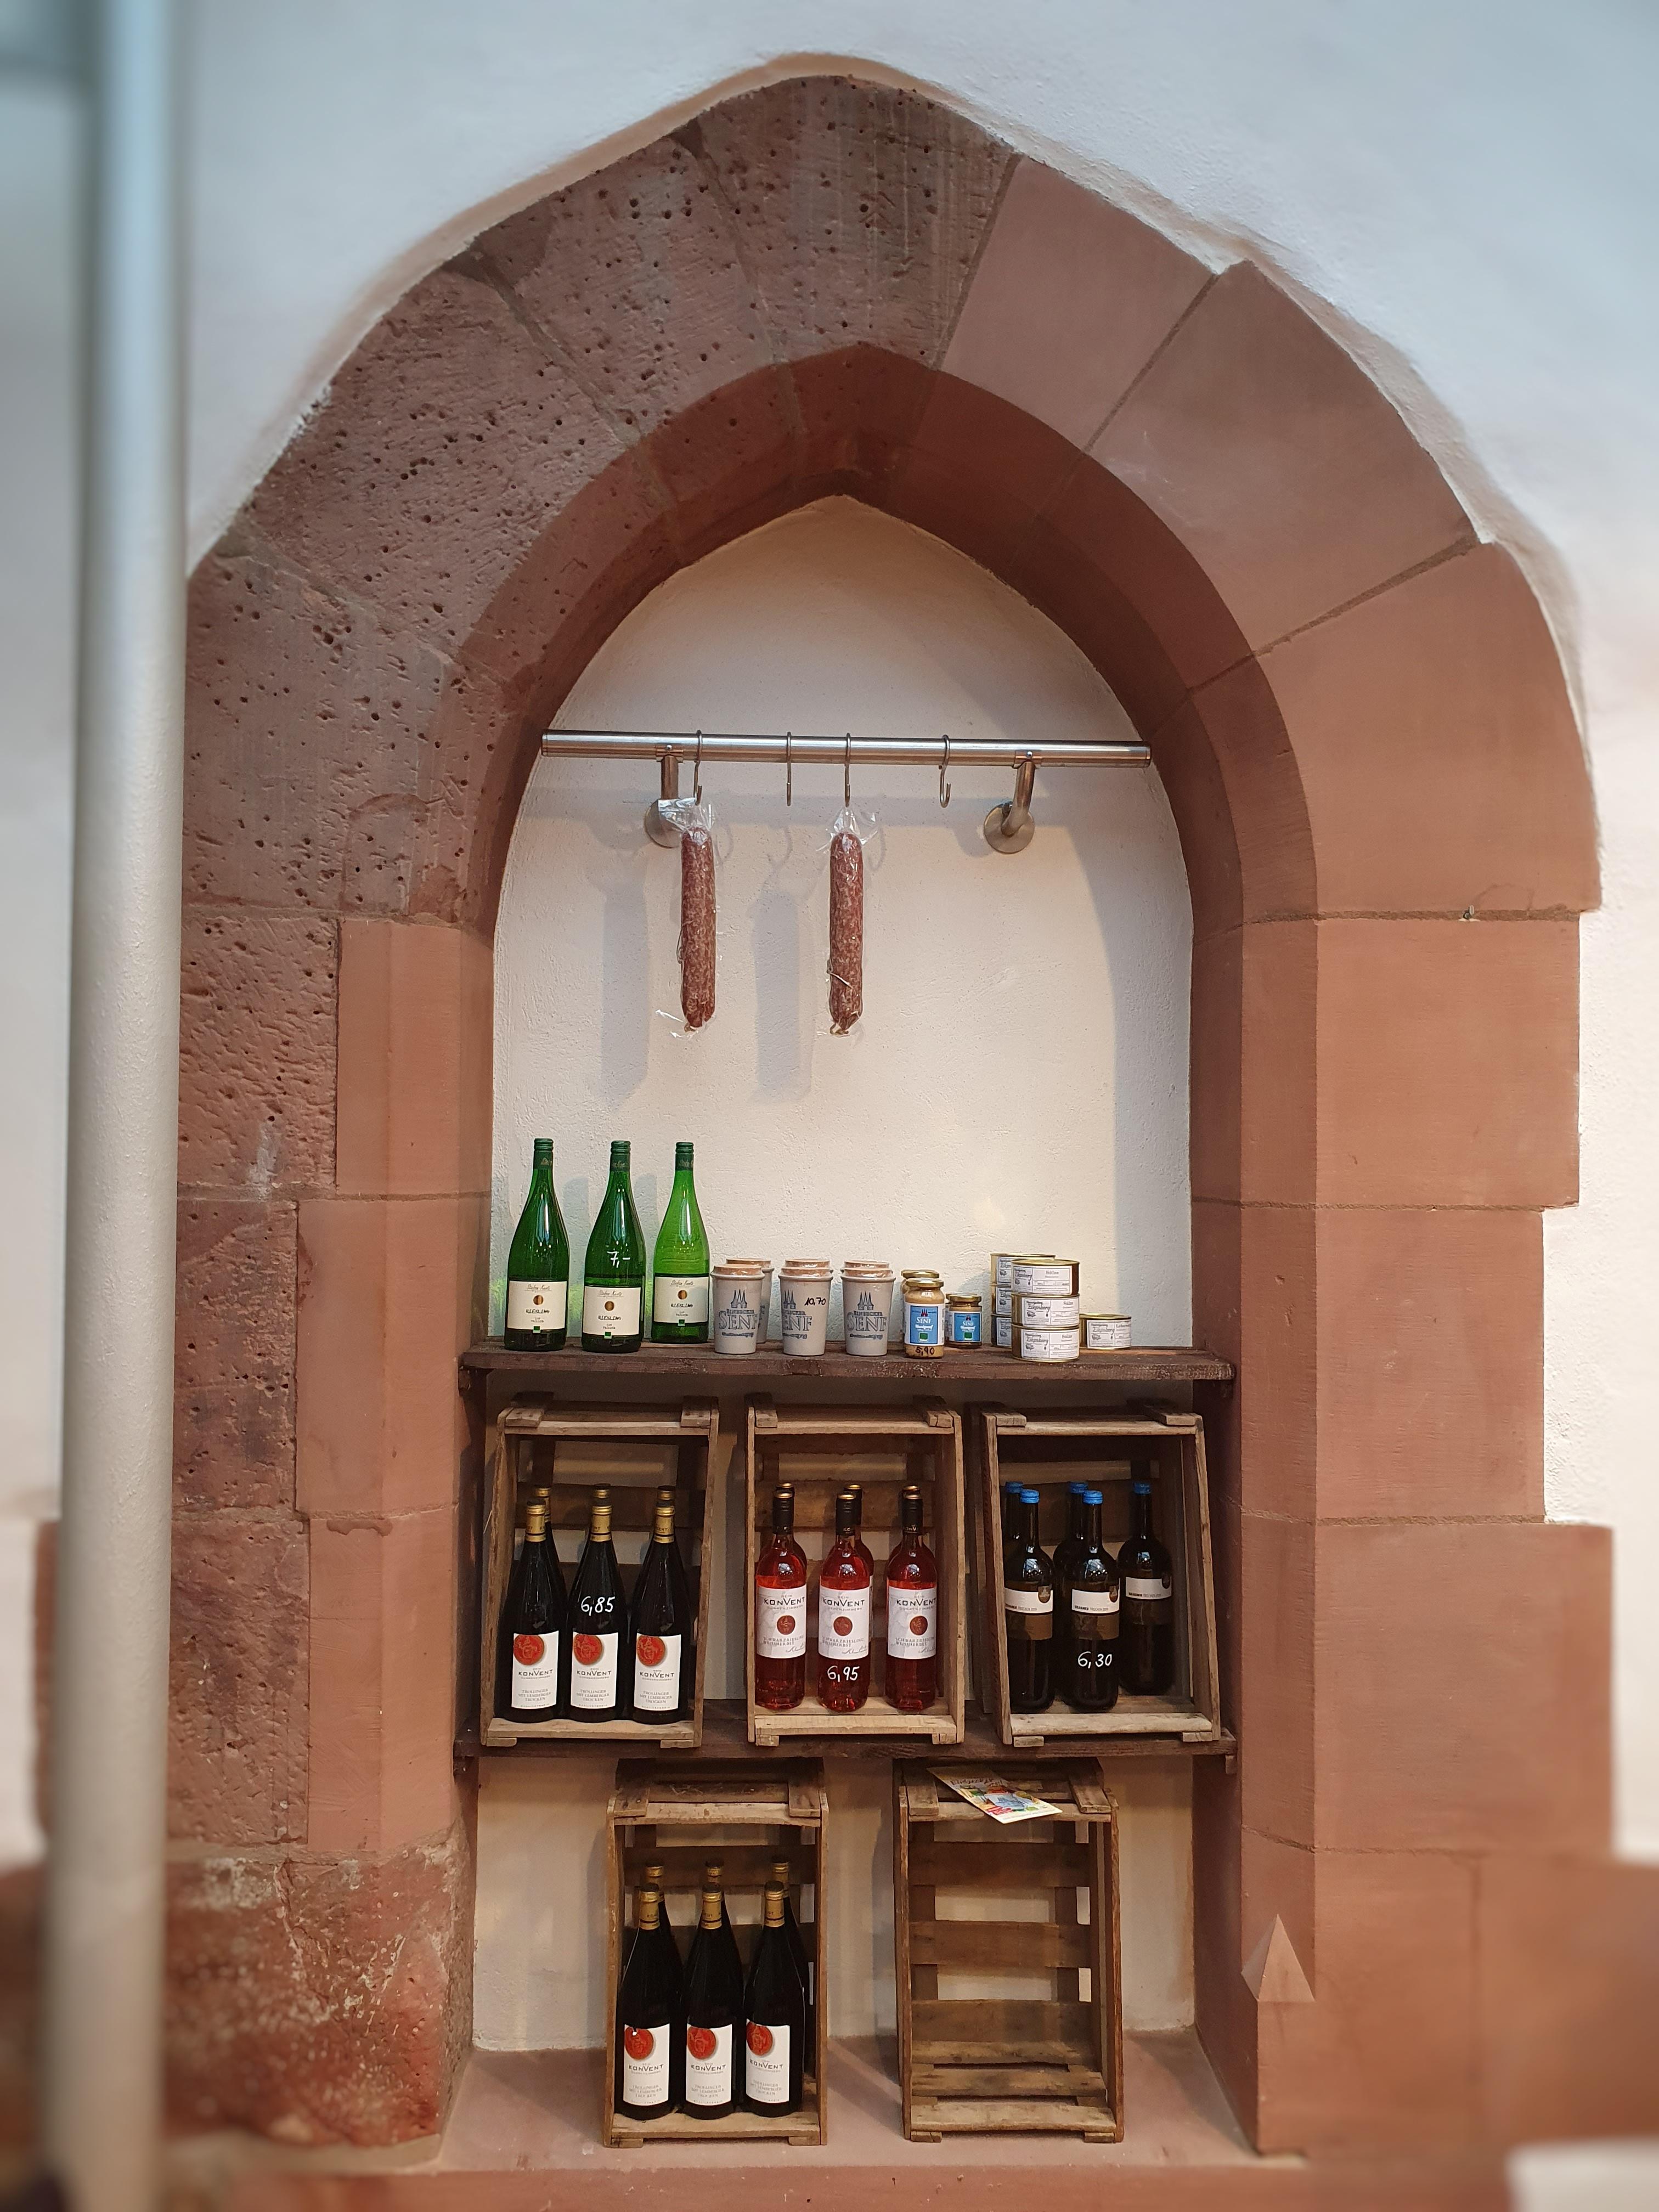 Café in der kleinen Gasse_Senf- und Wurstwaren, Weinauswahl